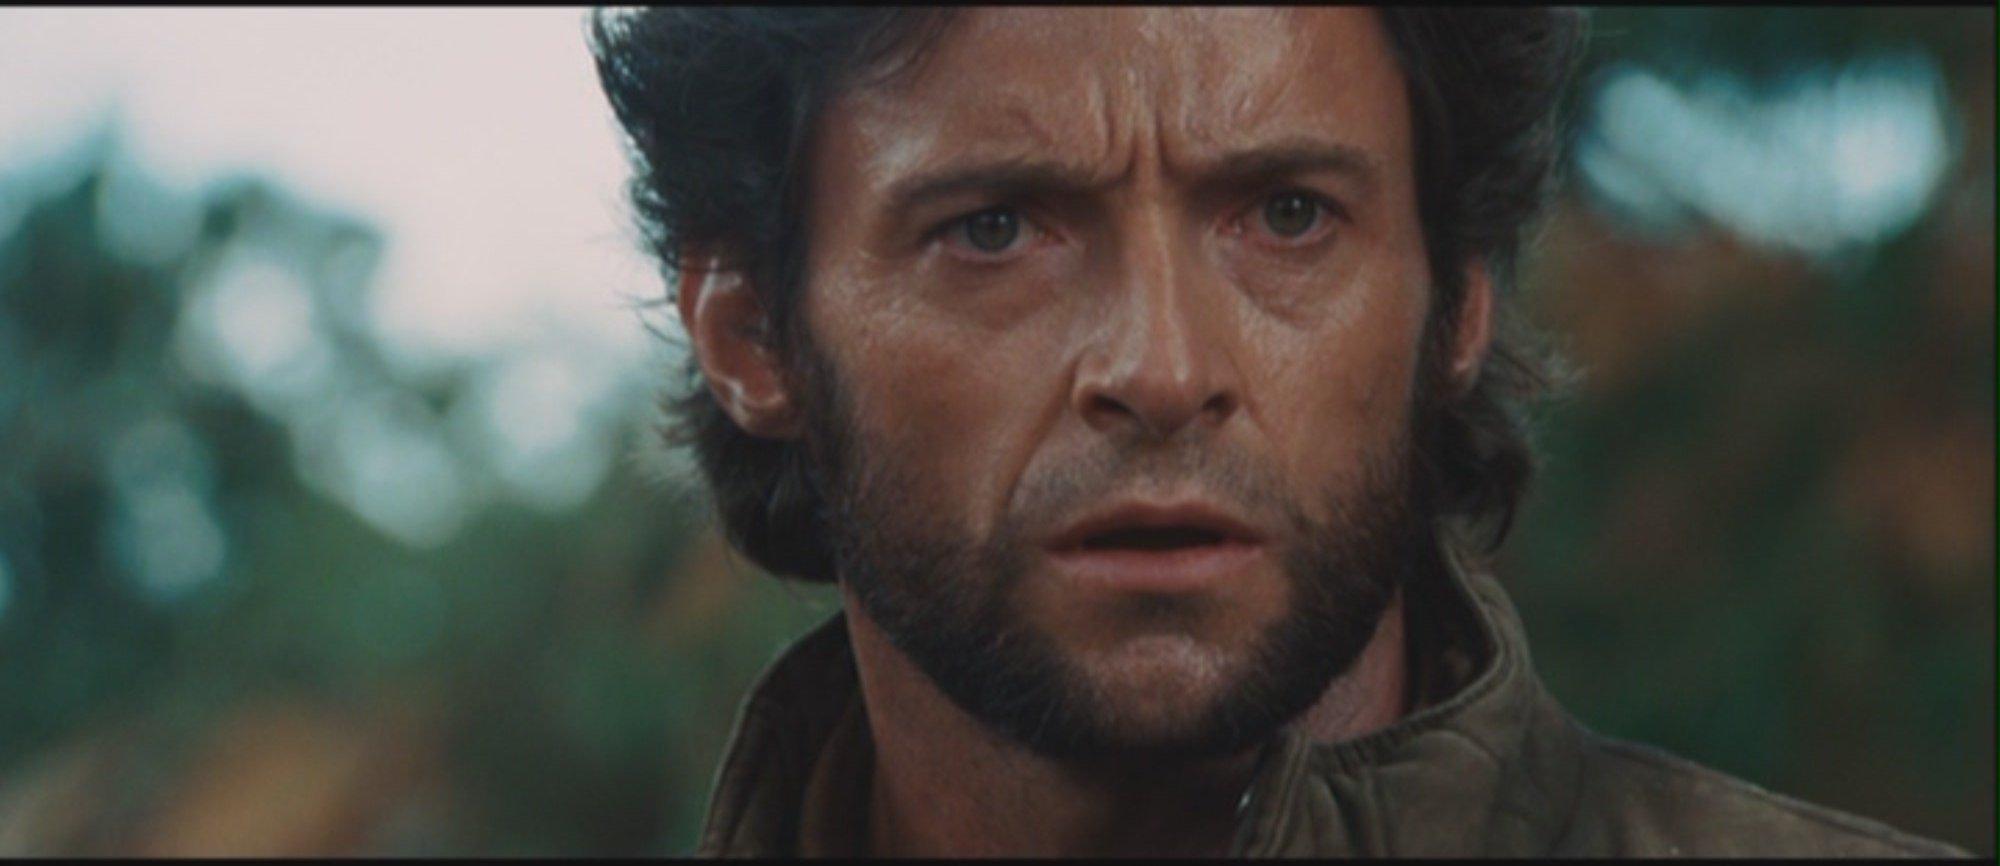 Wolverine - Hugh Jackman as Wolverine Photo (19047977